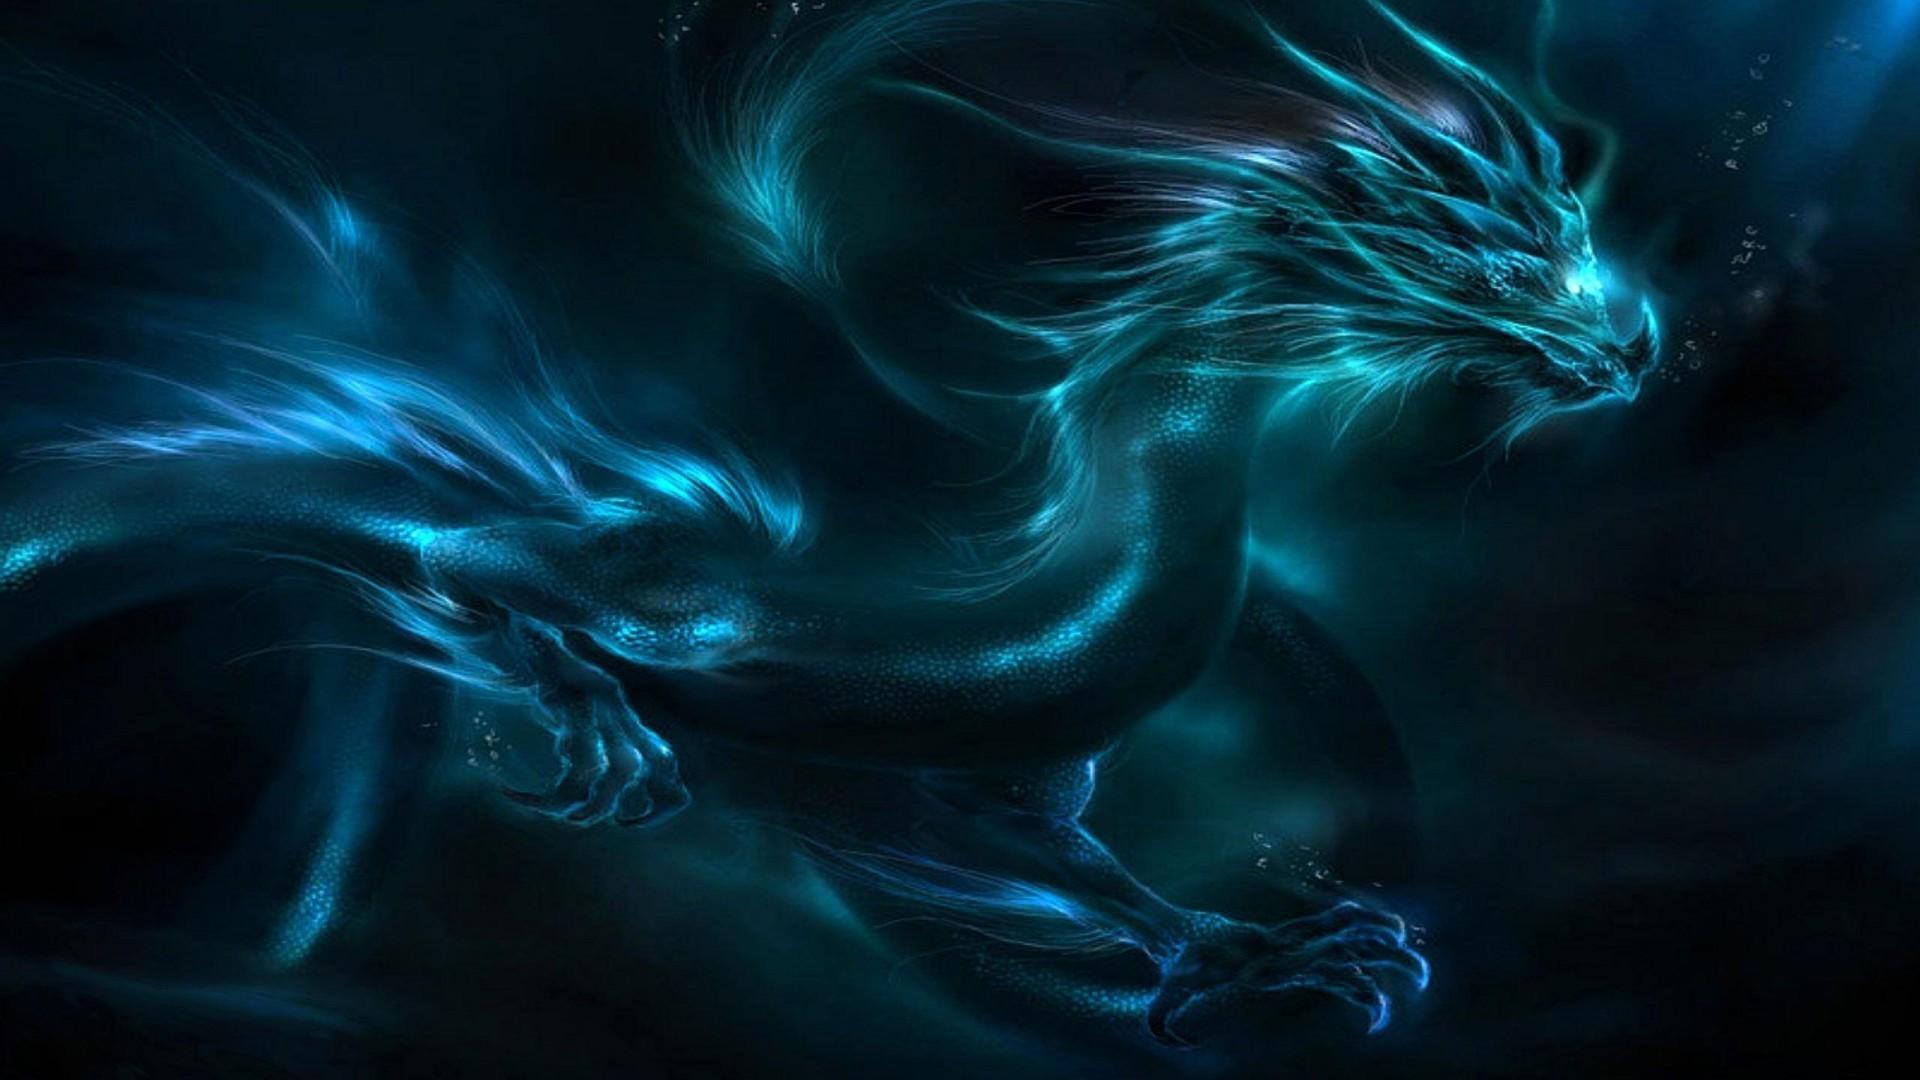 Dragon Wallpaper For Desktop 79 Images